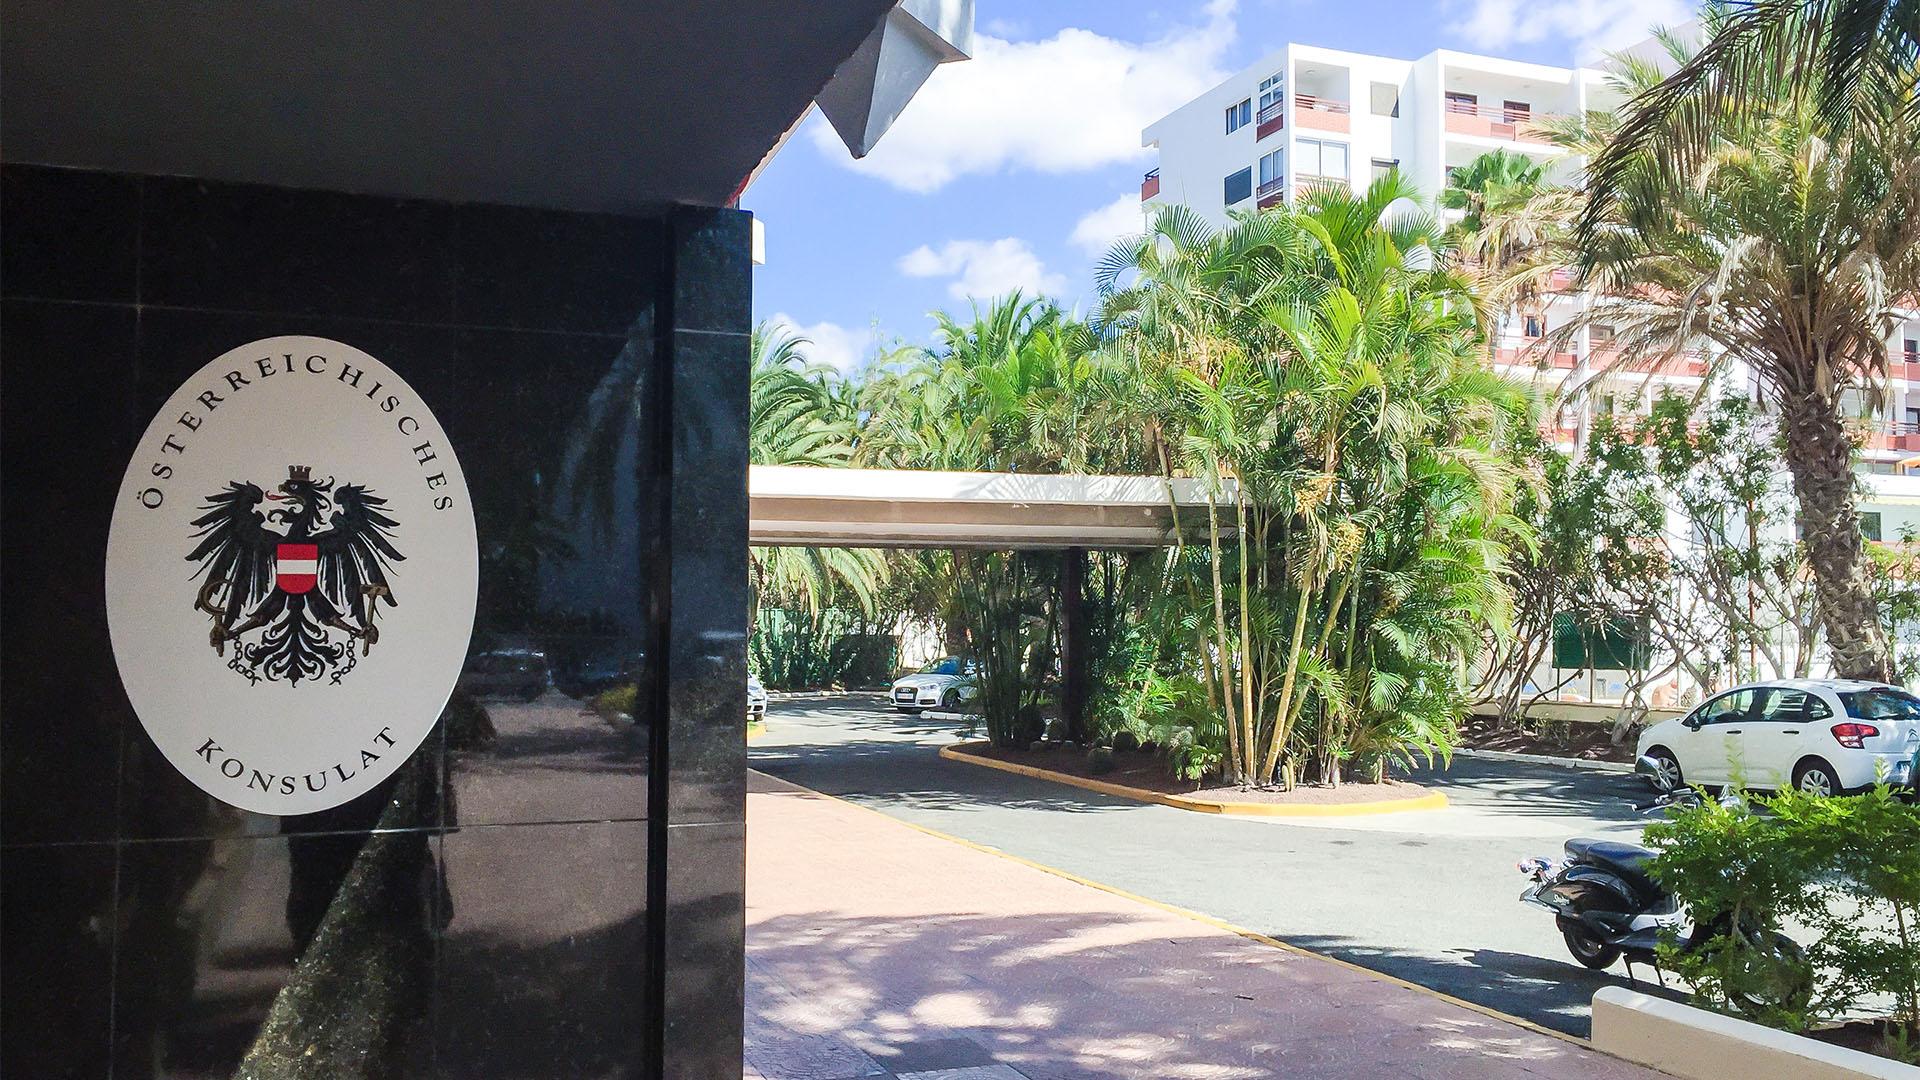 Auslandsvertretungen –Konsulate, Botschaften und Sprechtage konsularischer Vertretungen in Hotels auf Fuerteventura.